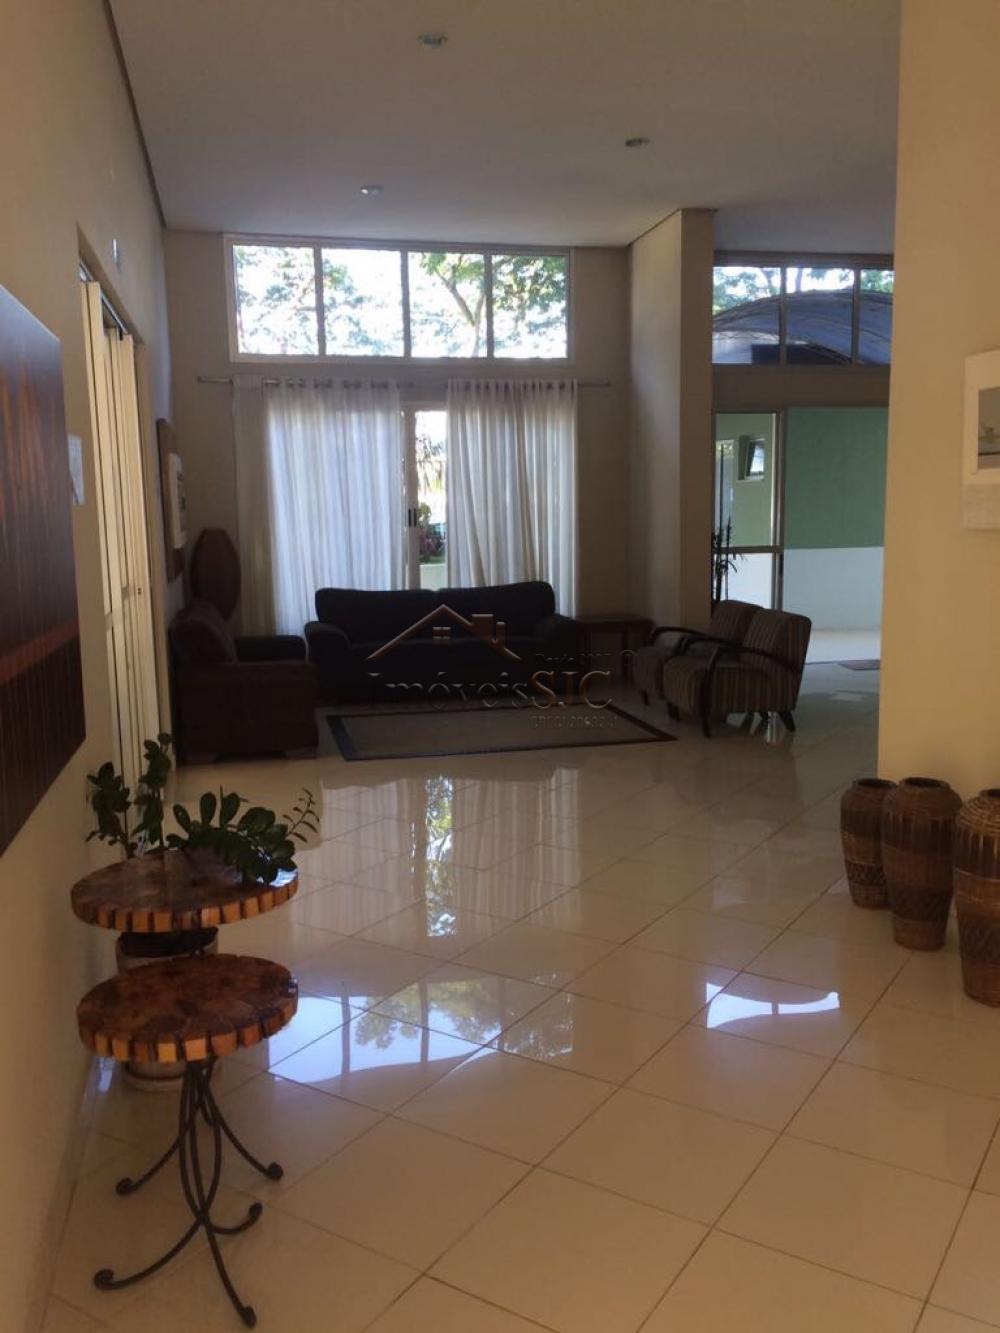 Comprar Apartamentos / Padrão em São José dos Campos apenas R$ 530.000,00 - Foto 20